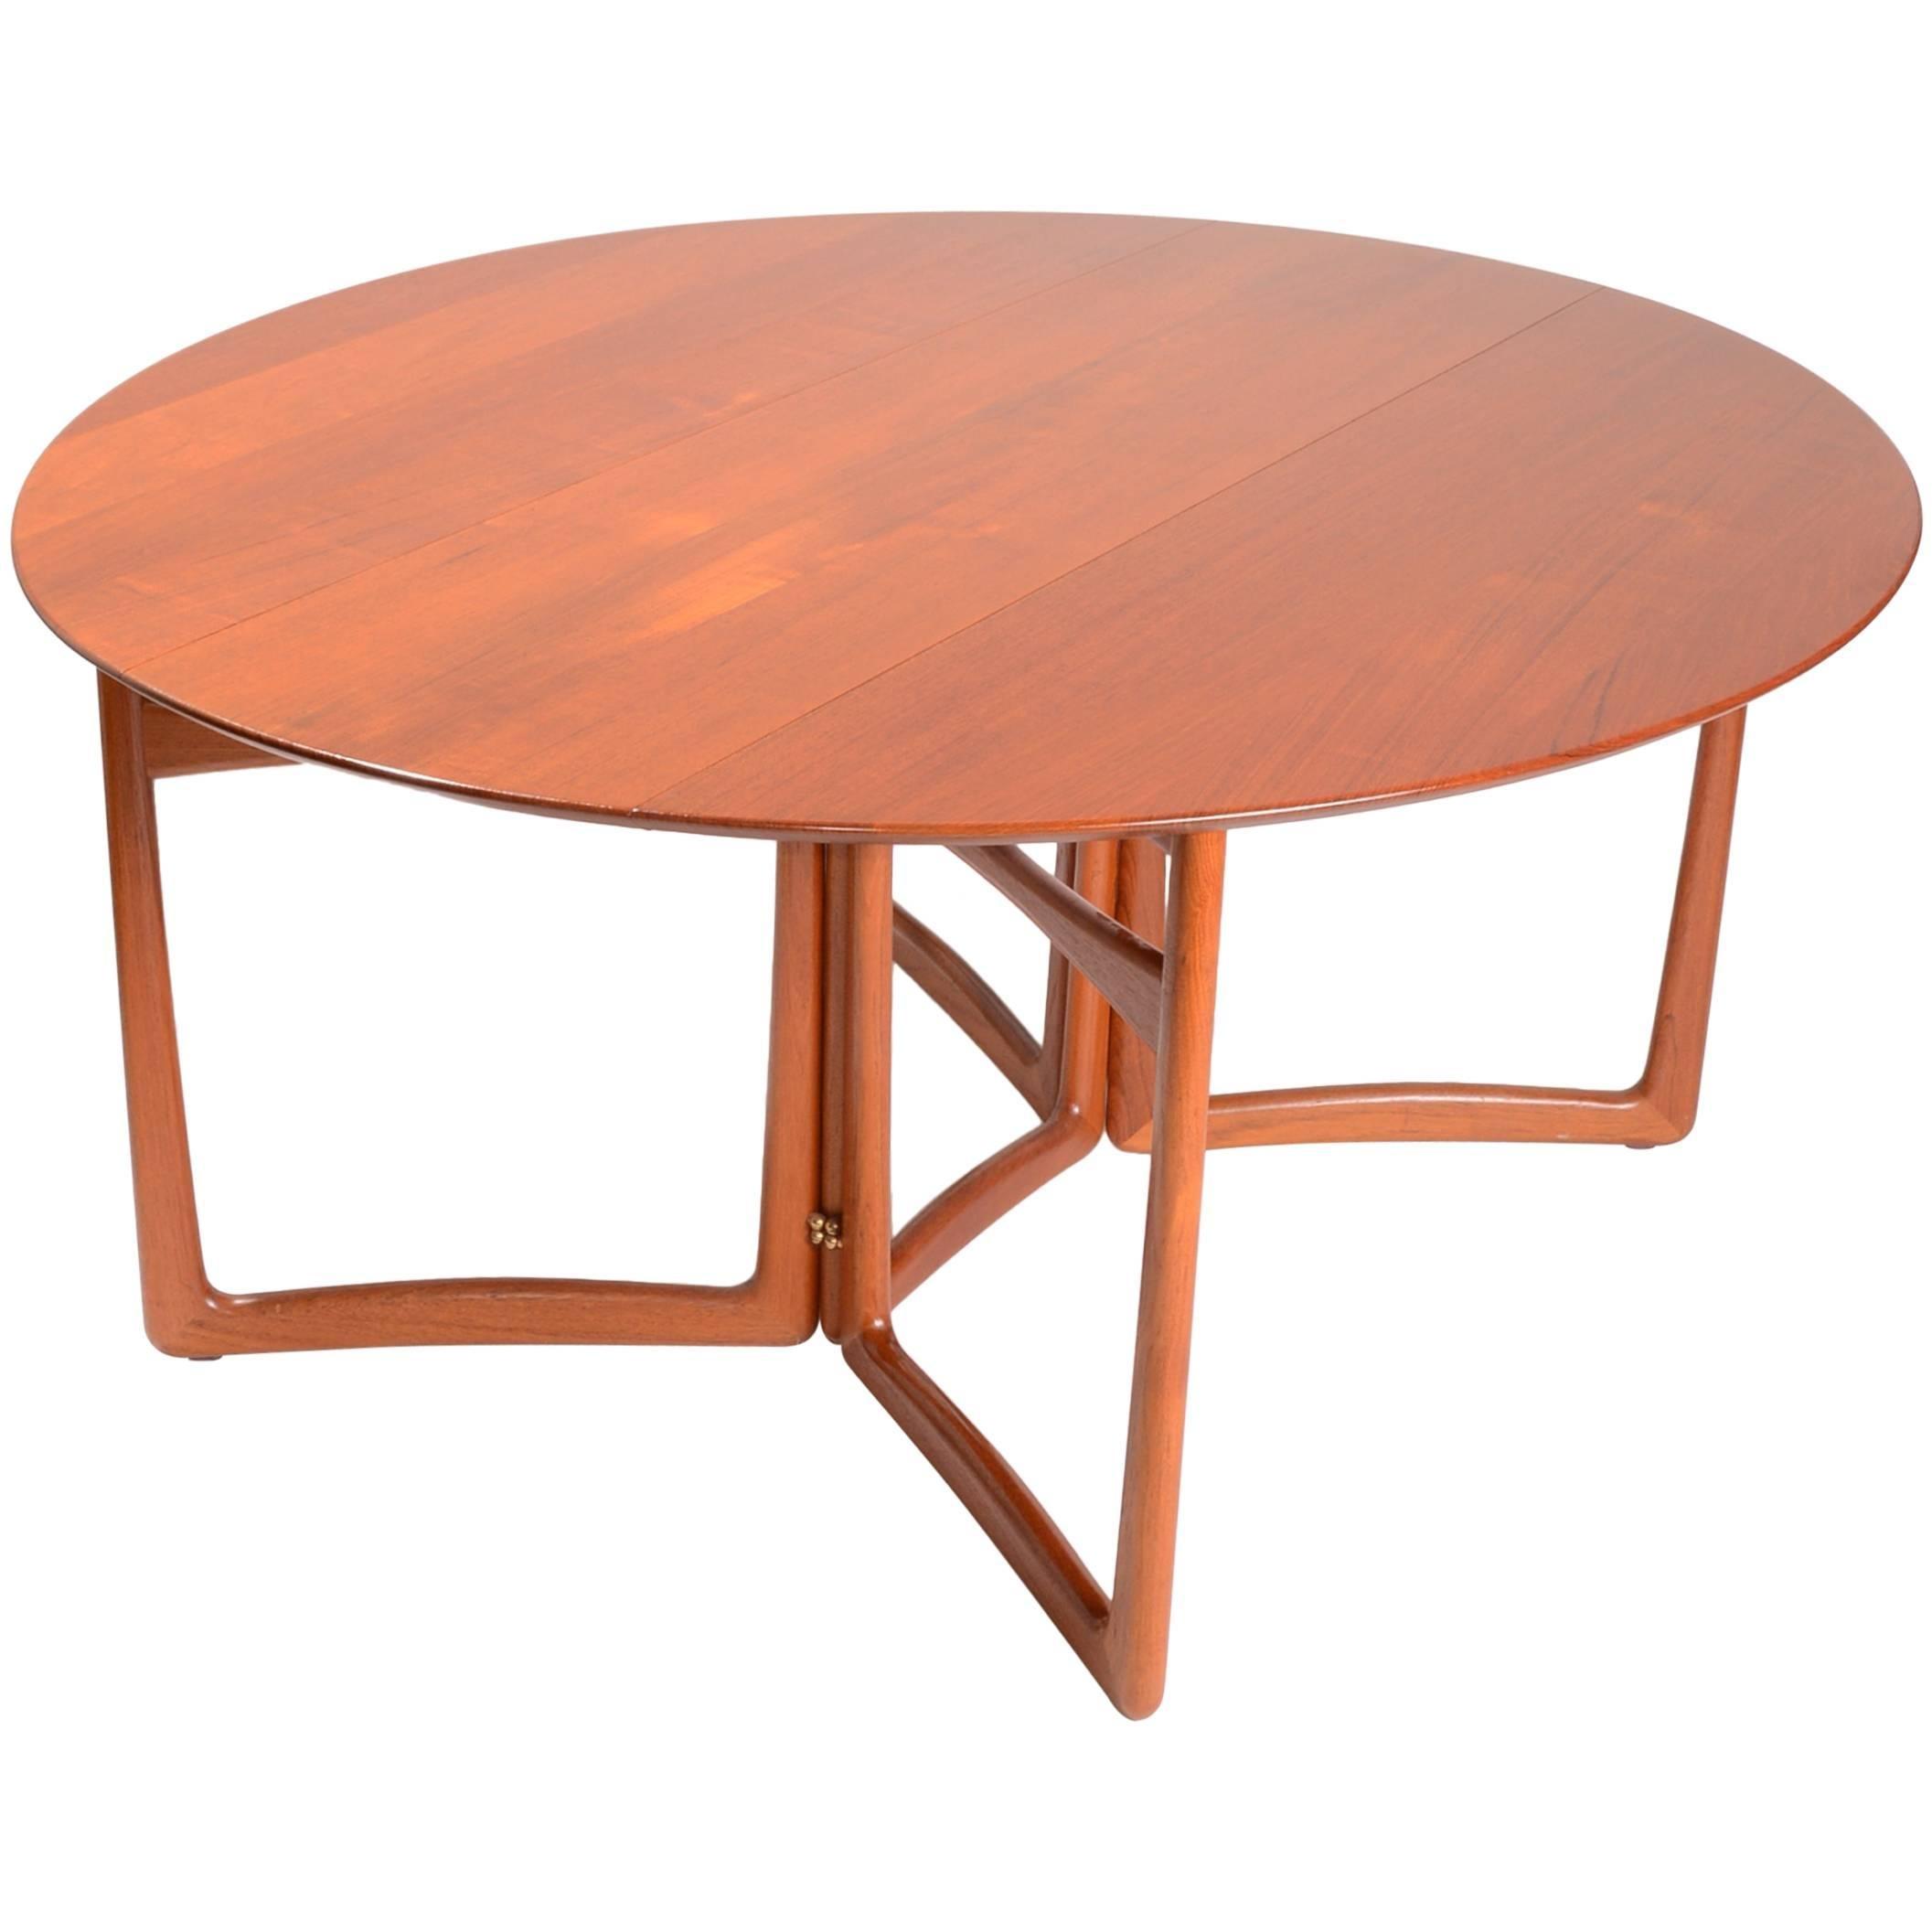 Solid Teak Drop-Leaf Dining Table by Peter Hvidt and Orla Mølgaard-Nielsen